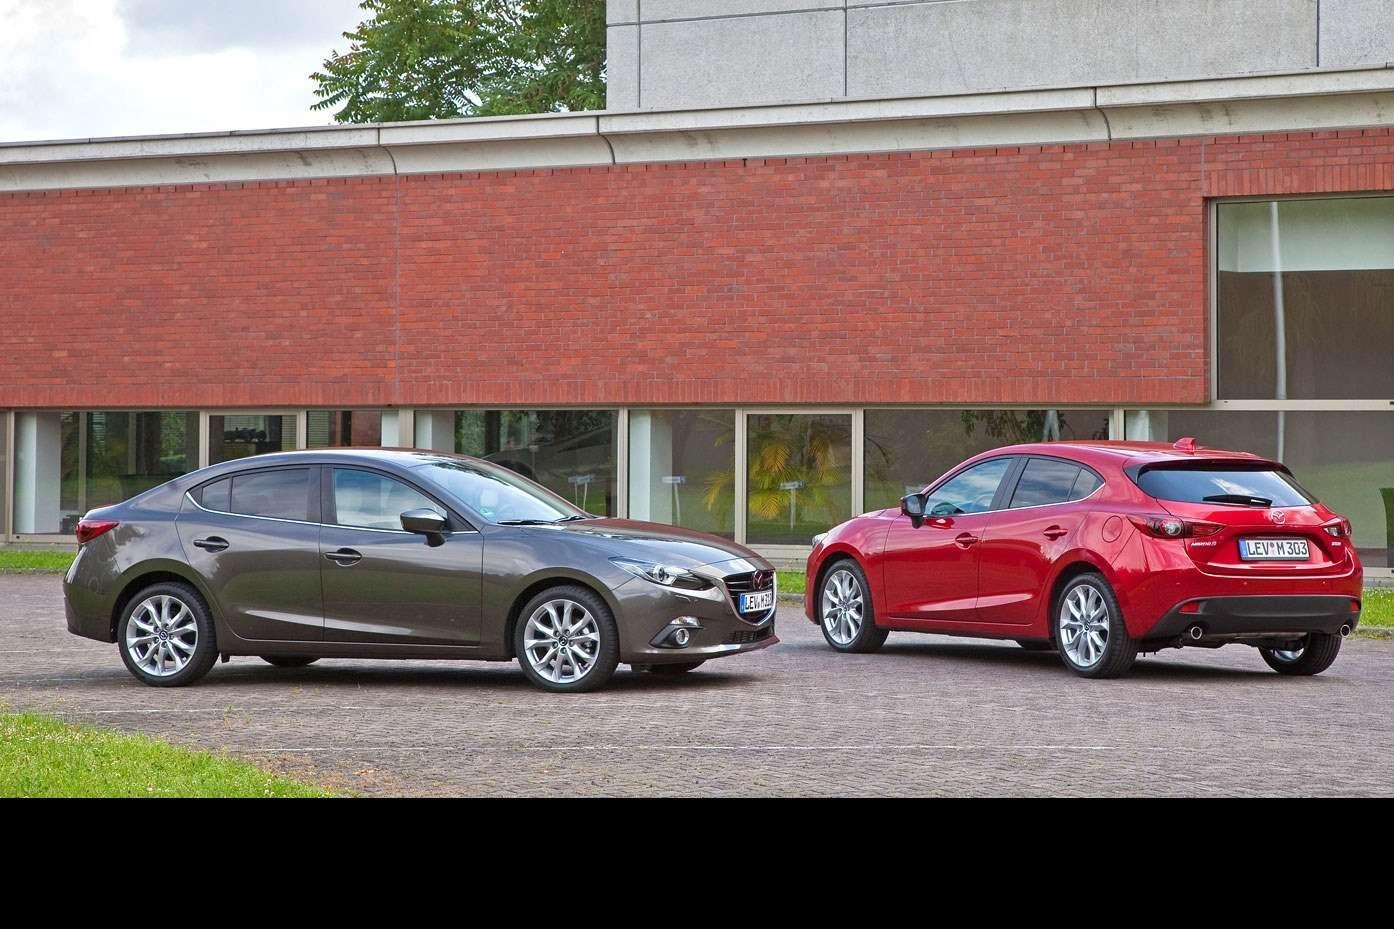 2014 Mazda3 Sedan 6[2] nocopyright (8)